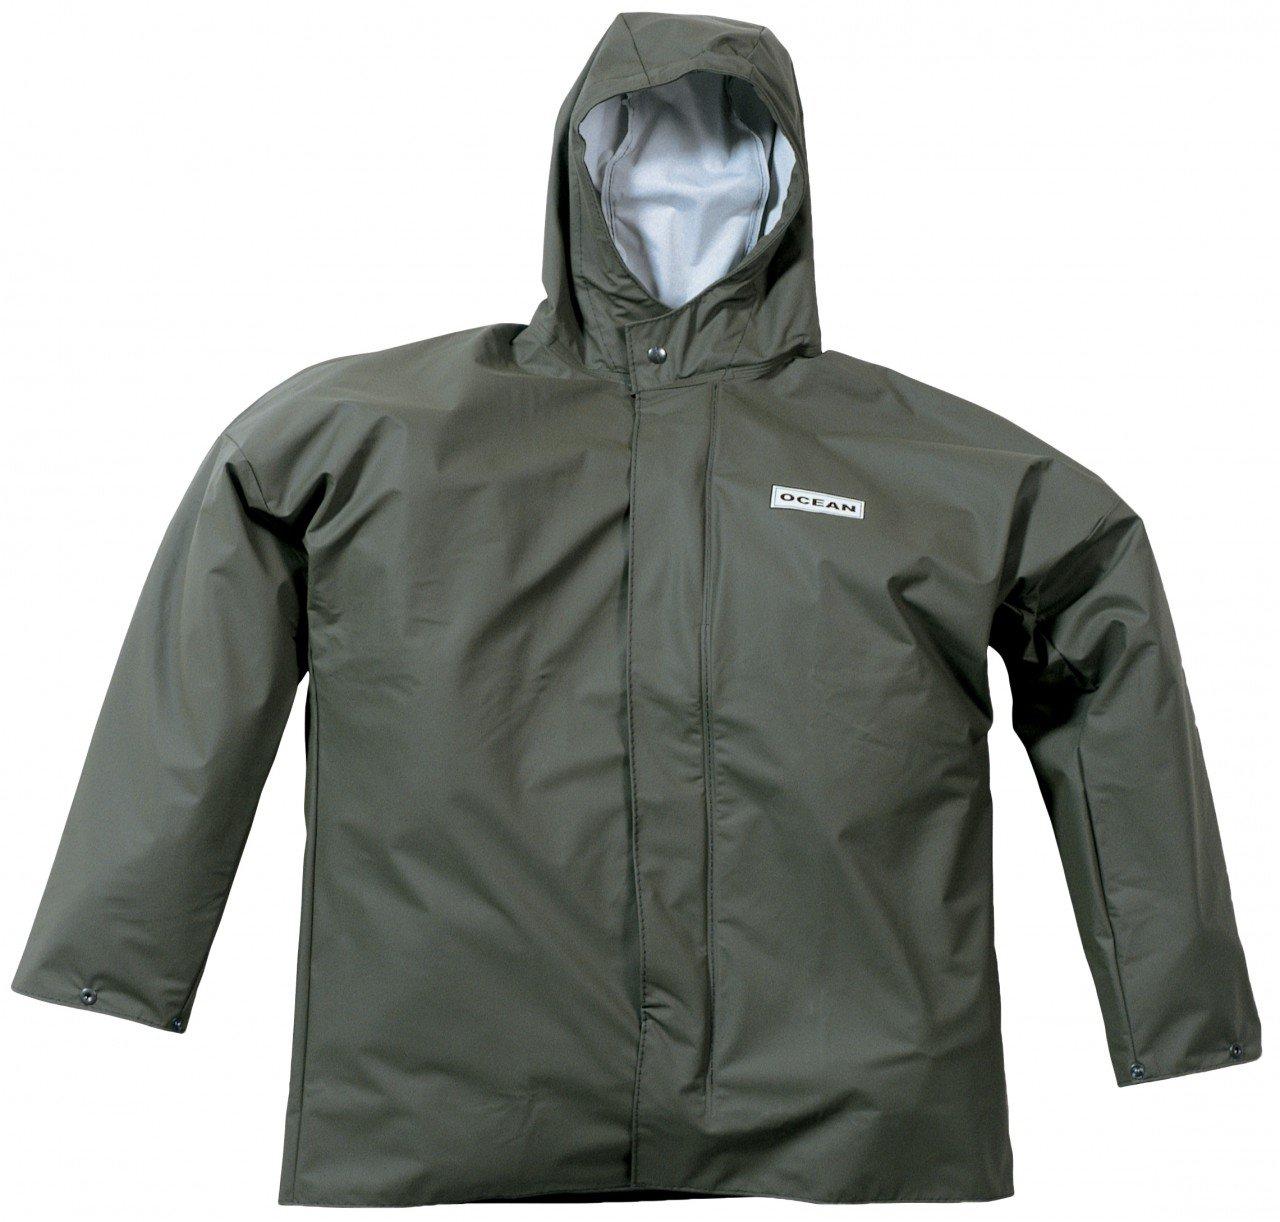 Ocean Rainwear Regenjacke Comfort Heavy, Heavy, Heavy, Farbe oliv, Größe XL B00QELN5MO Jacken Authentische Garantie 61f1f8